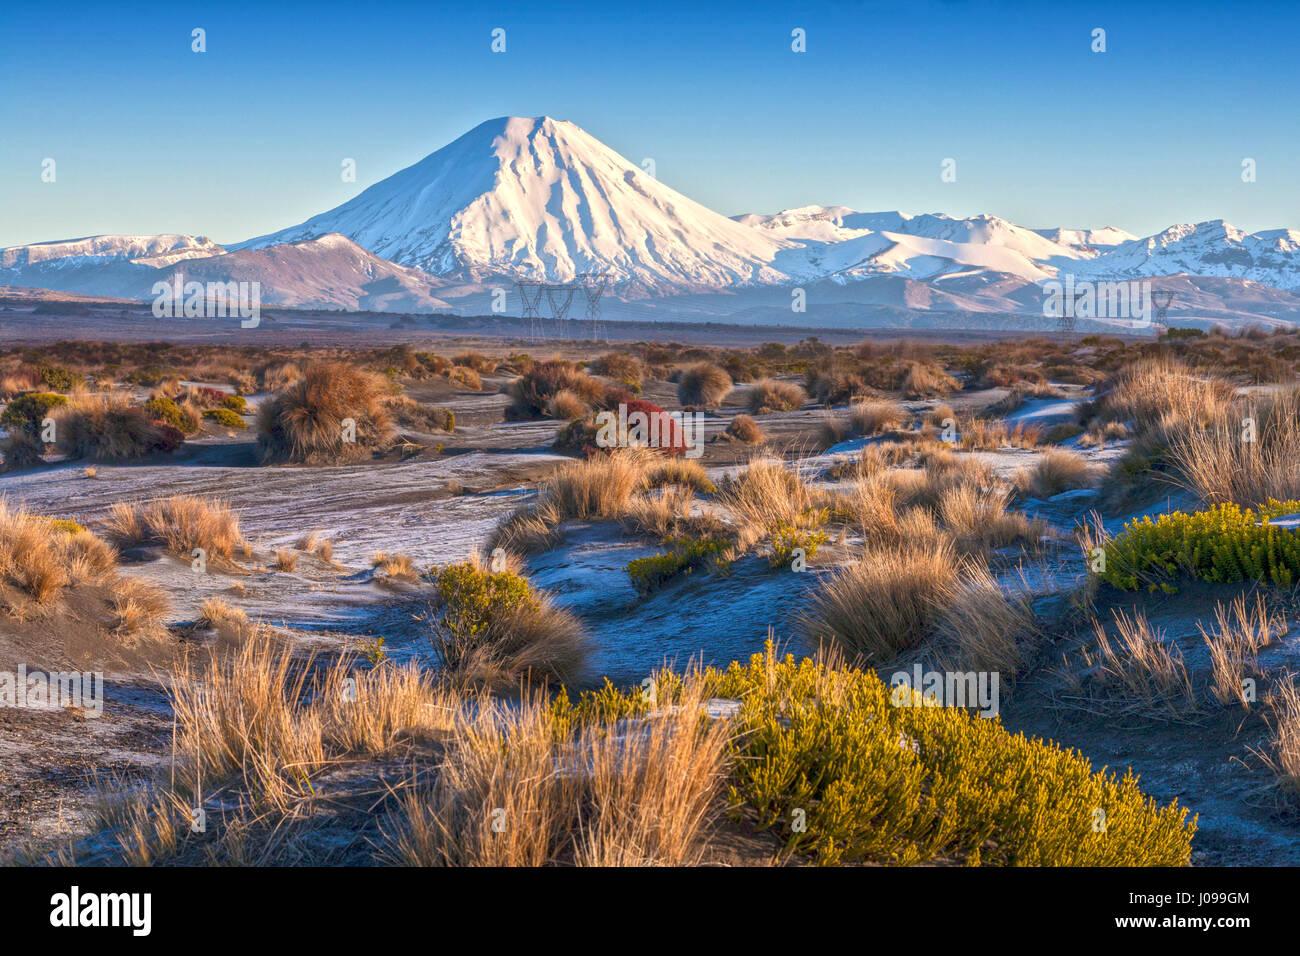 Monte Ngauruhoe y el desierto Rangipo, el Parque Nacional de Tongariro, Nueva Zelanda Imagen De Stock